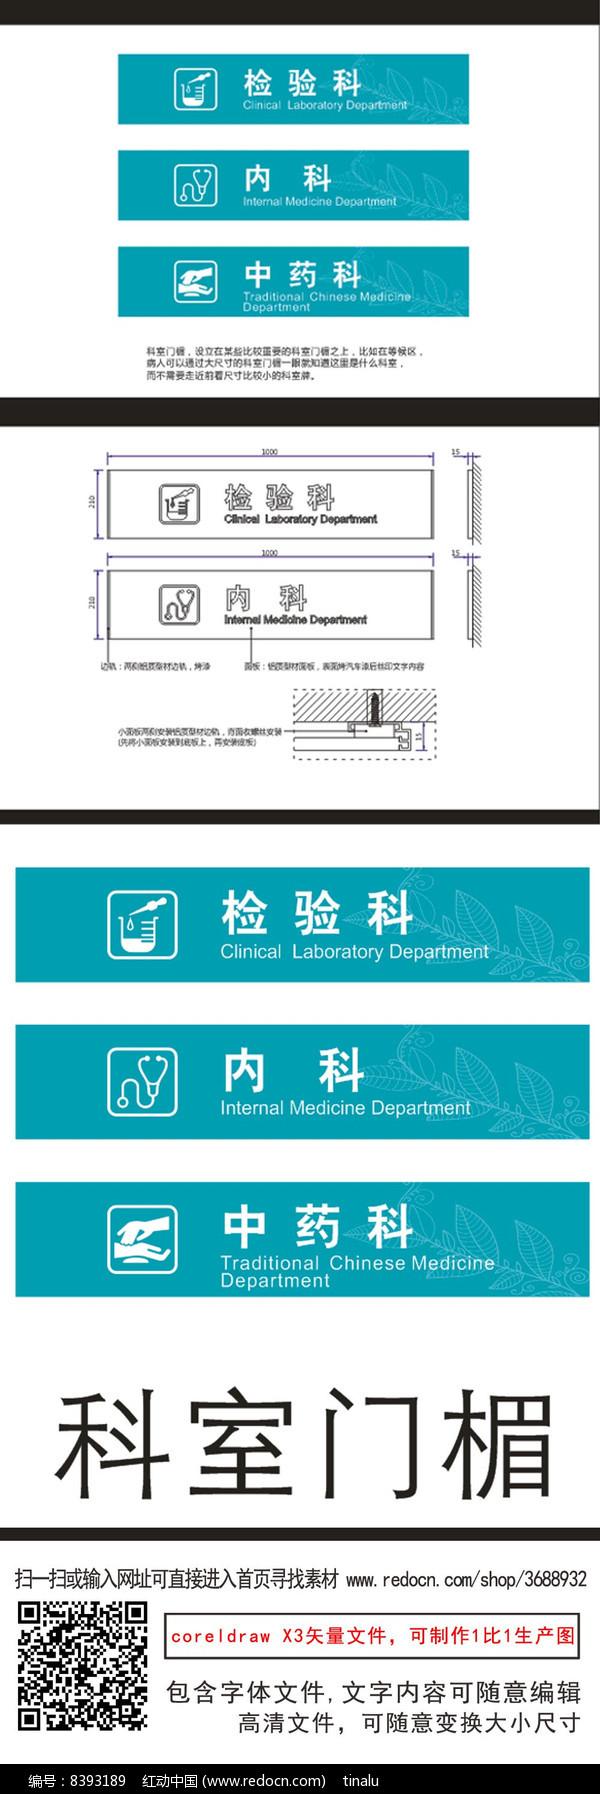 原创素材下载,您当前访问作品主题是医院科室门楣标识牌名称牌门牌图片